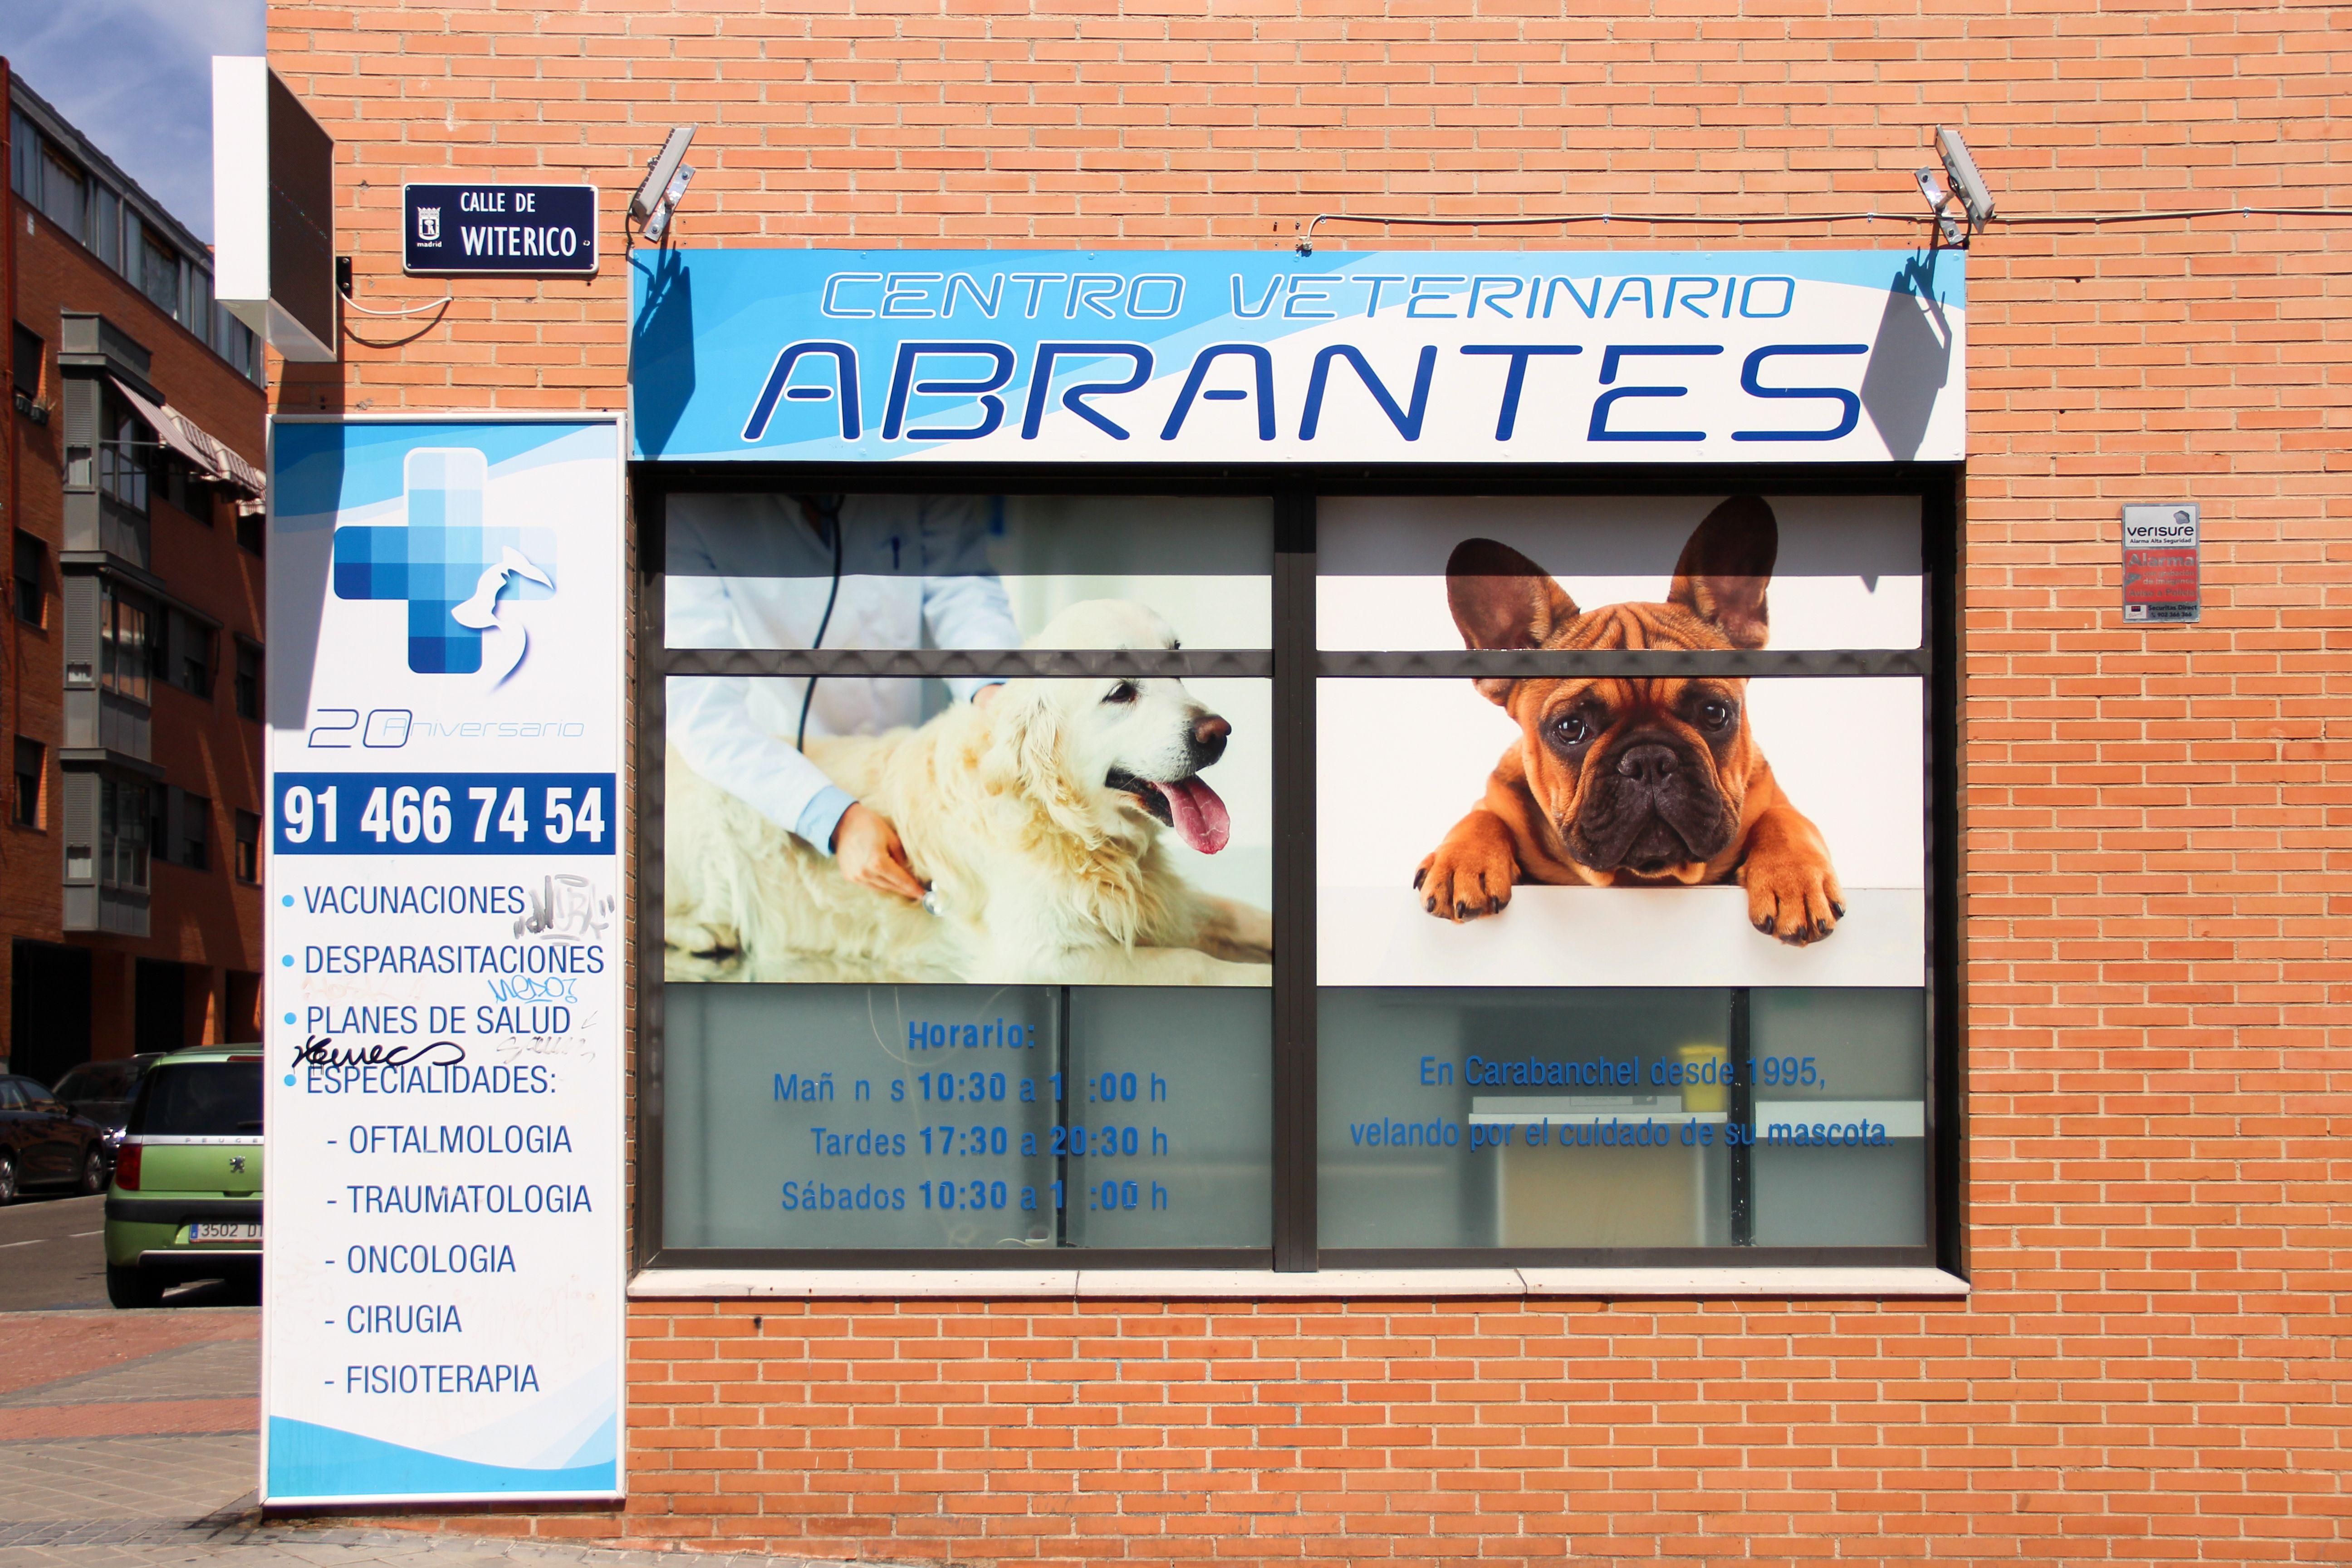 Foto 9 de Veterinarios en Madrid | Centro Veterinario Abrantes